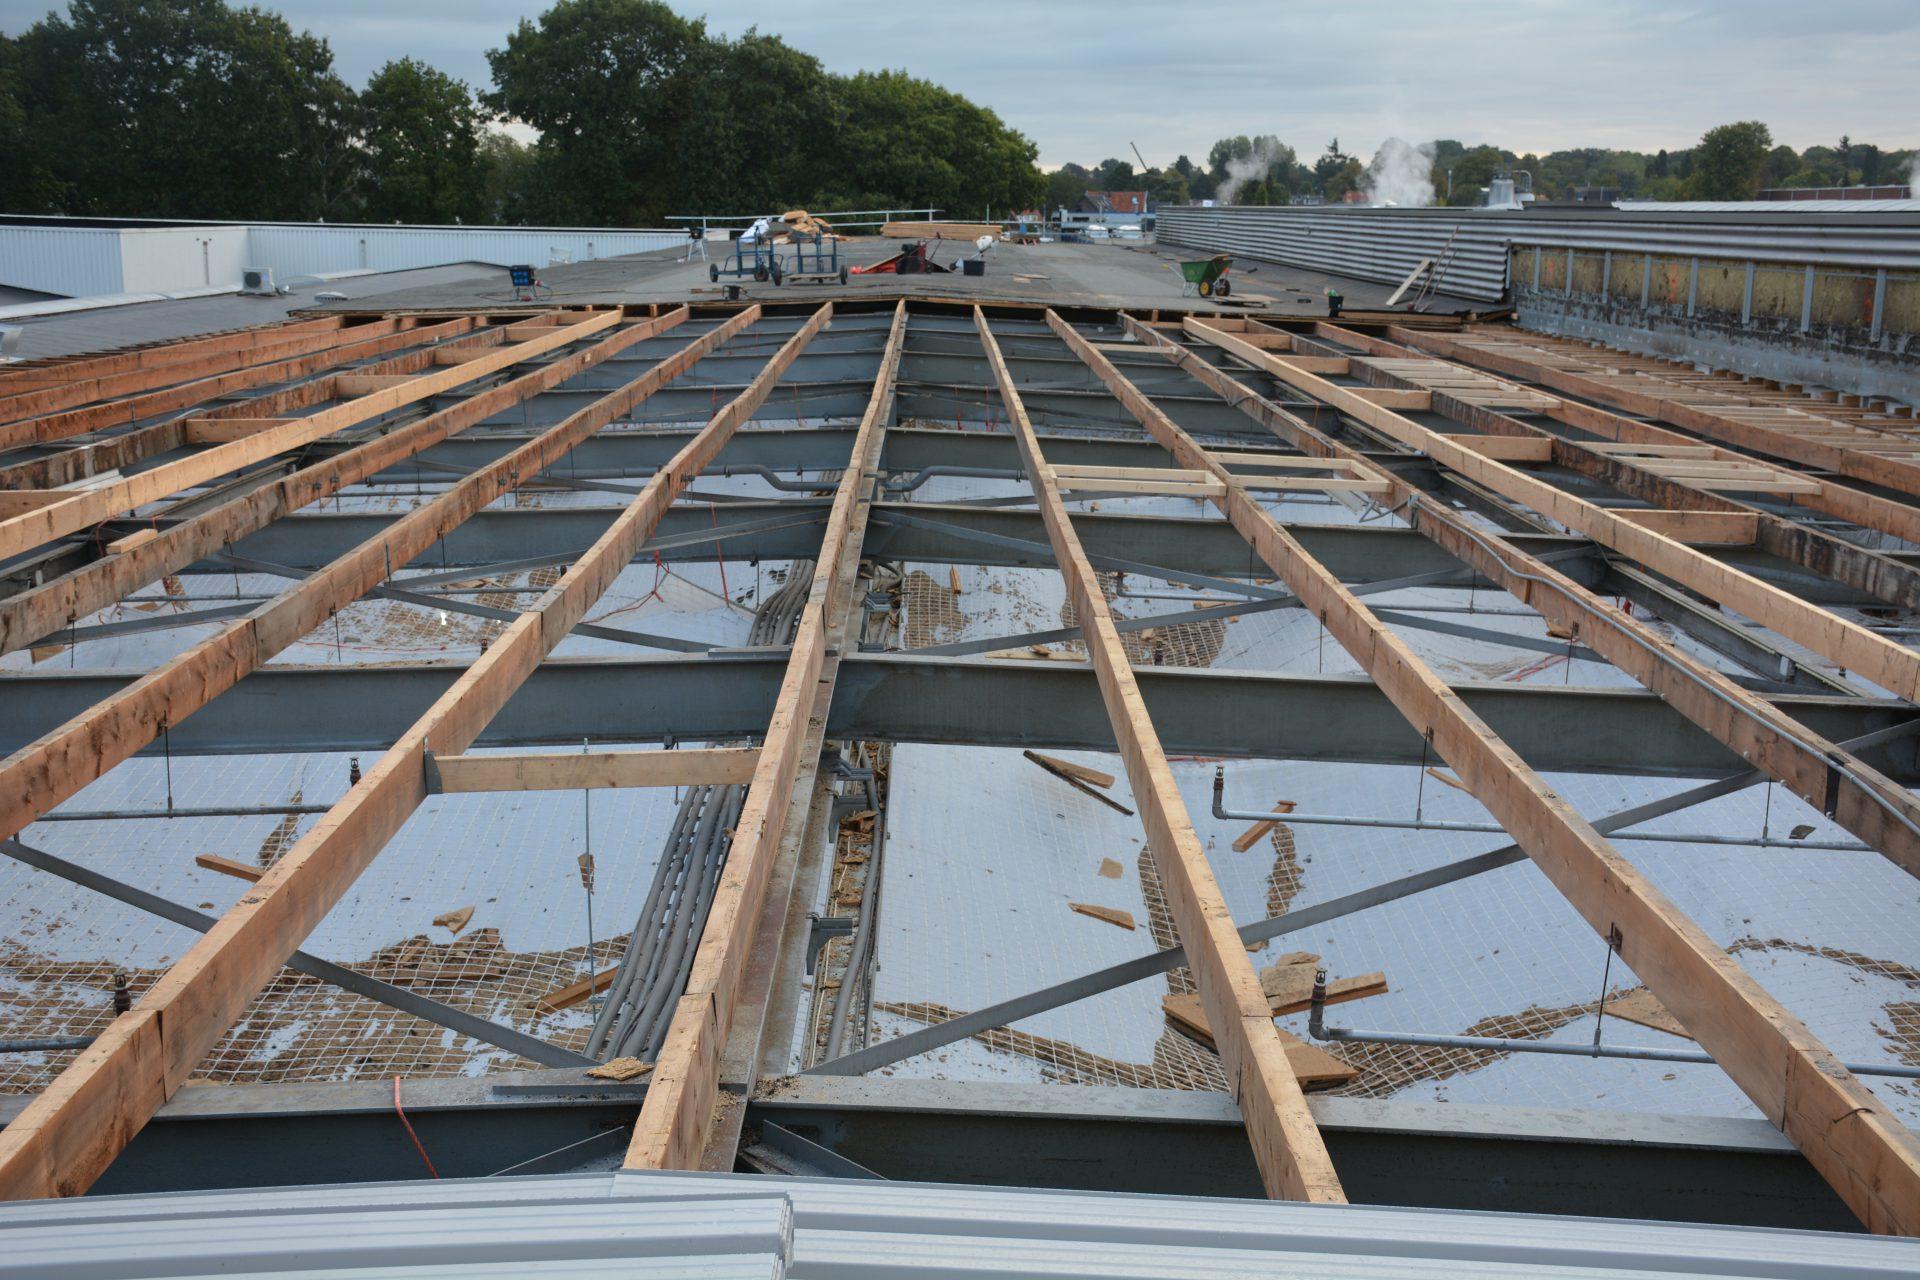 Bedrijfspand bouw dak structuur